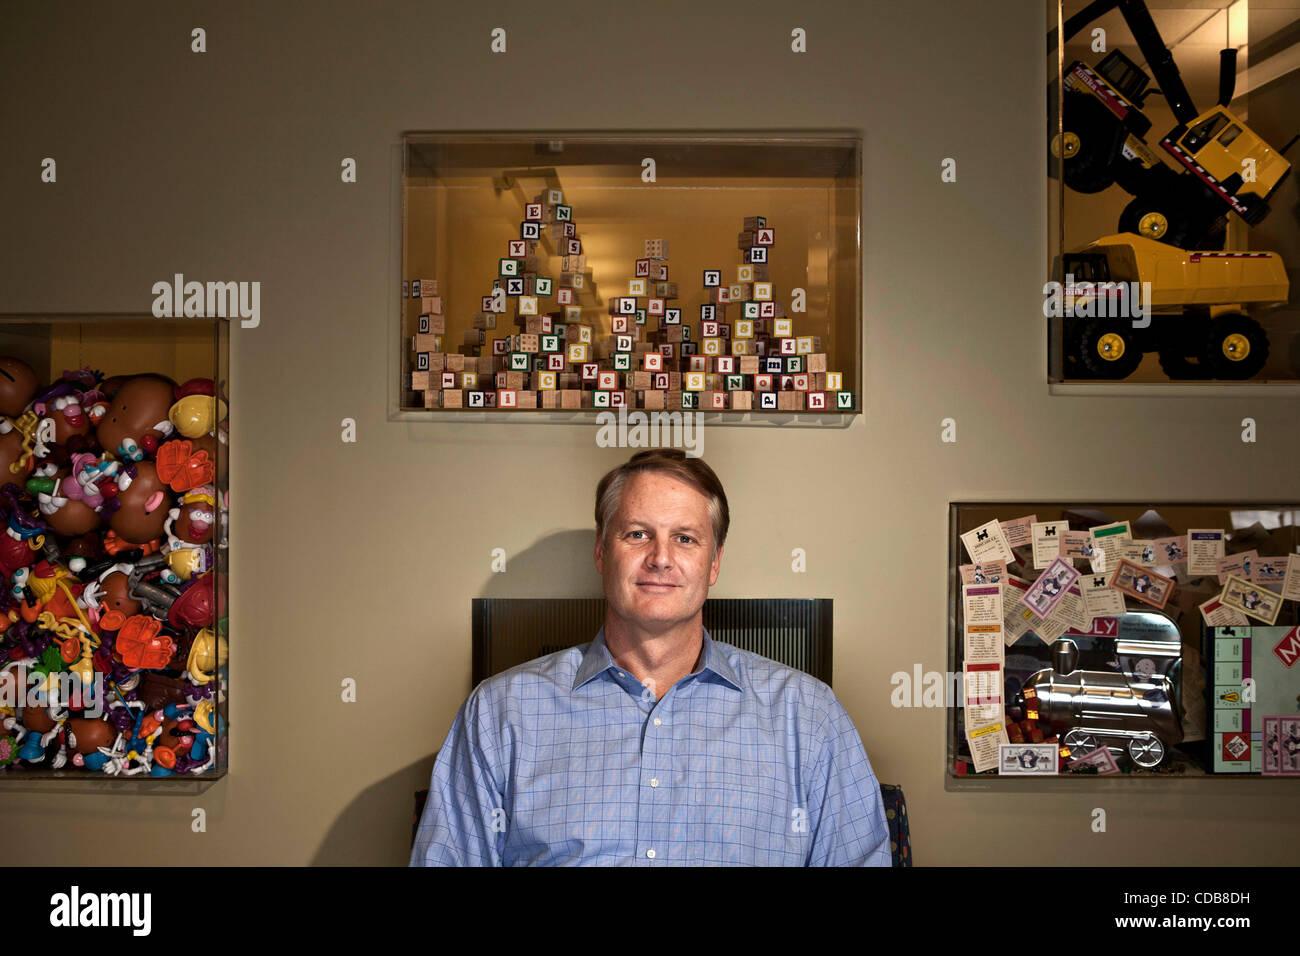 Dec  14, 2010 - San Jose, California, U S  - eBay CEO